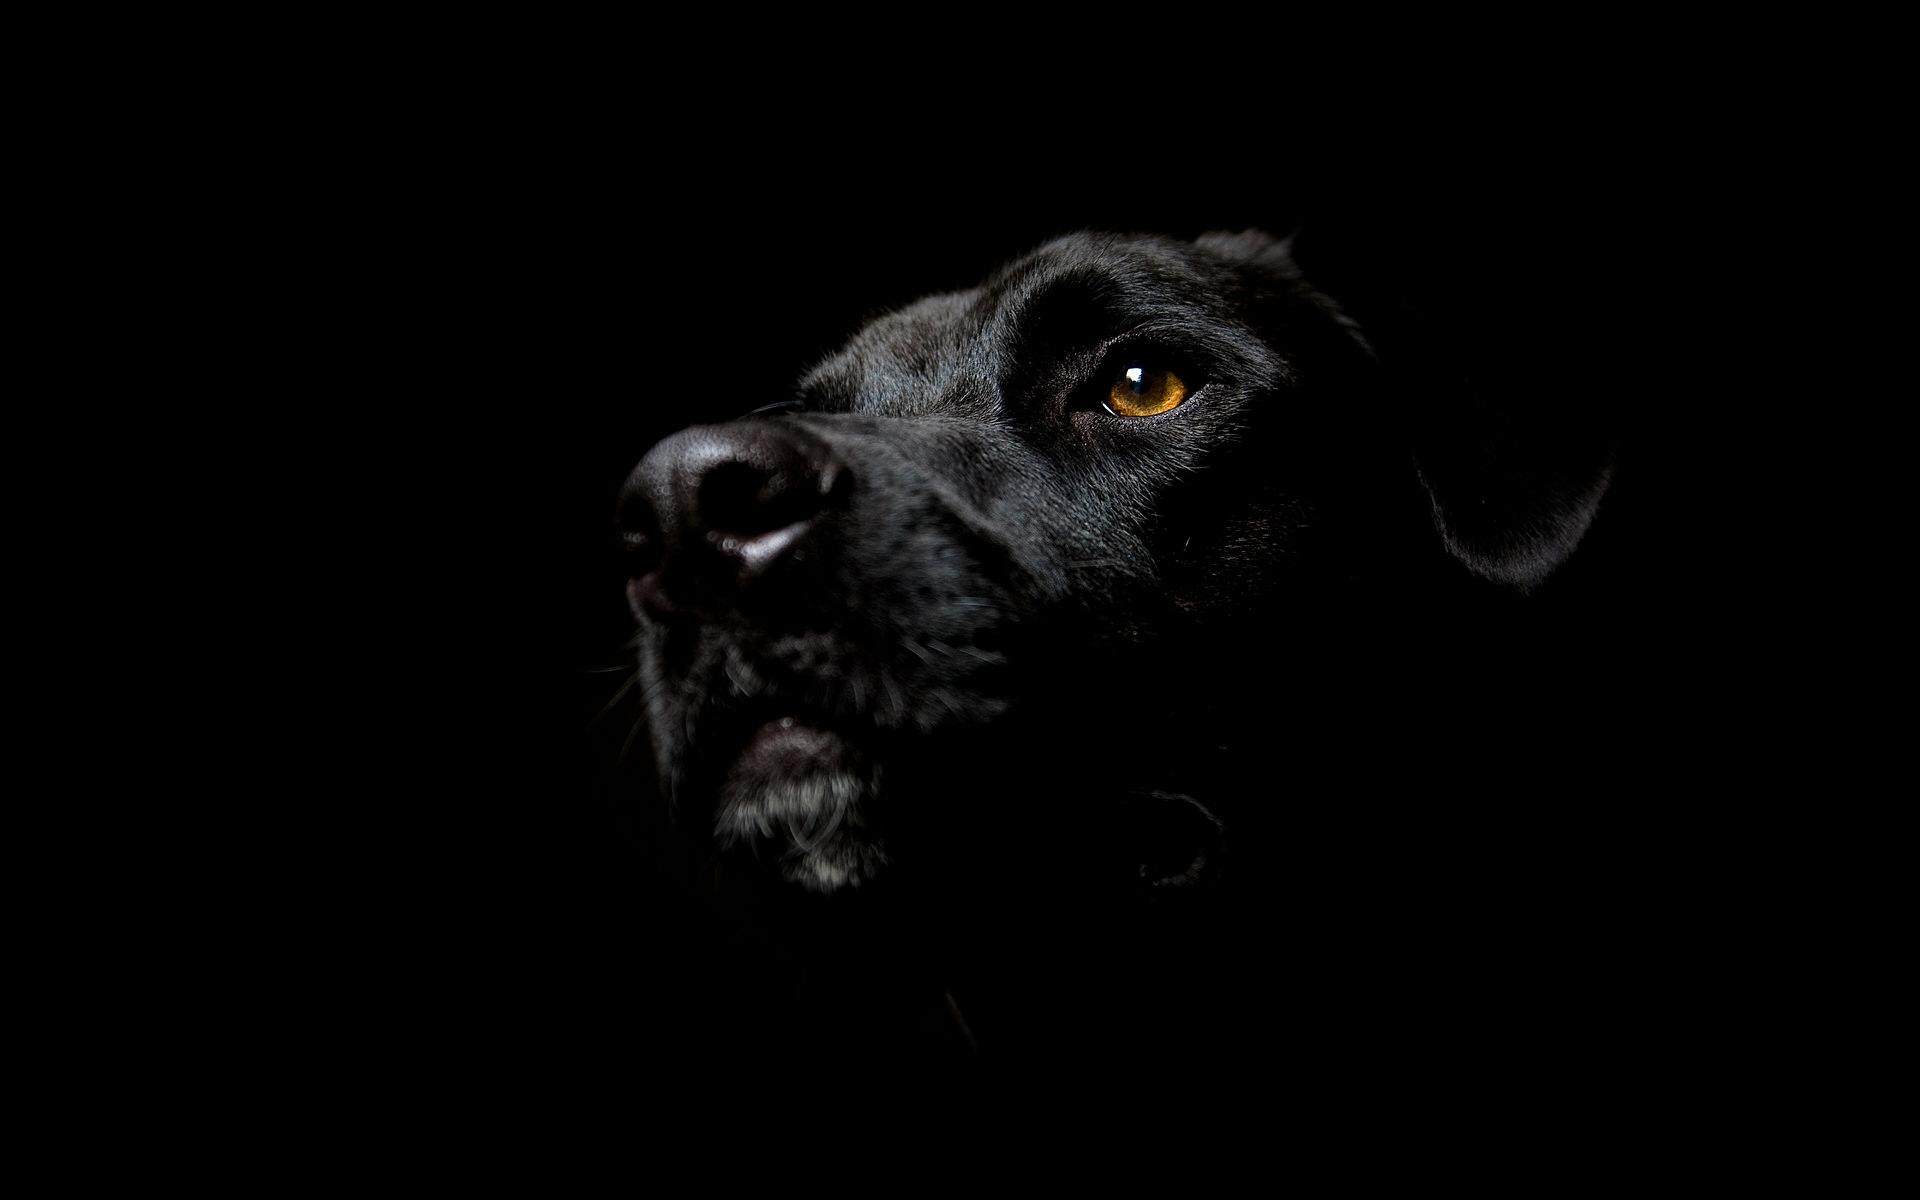 黑狗高清壁纸